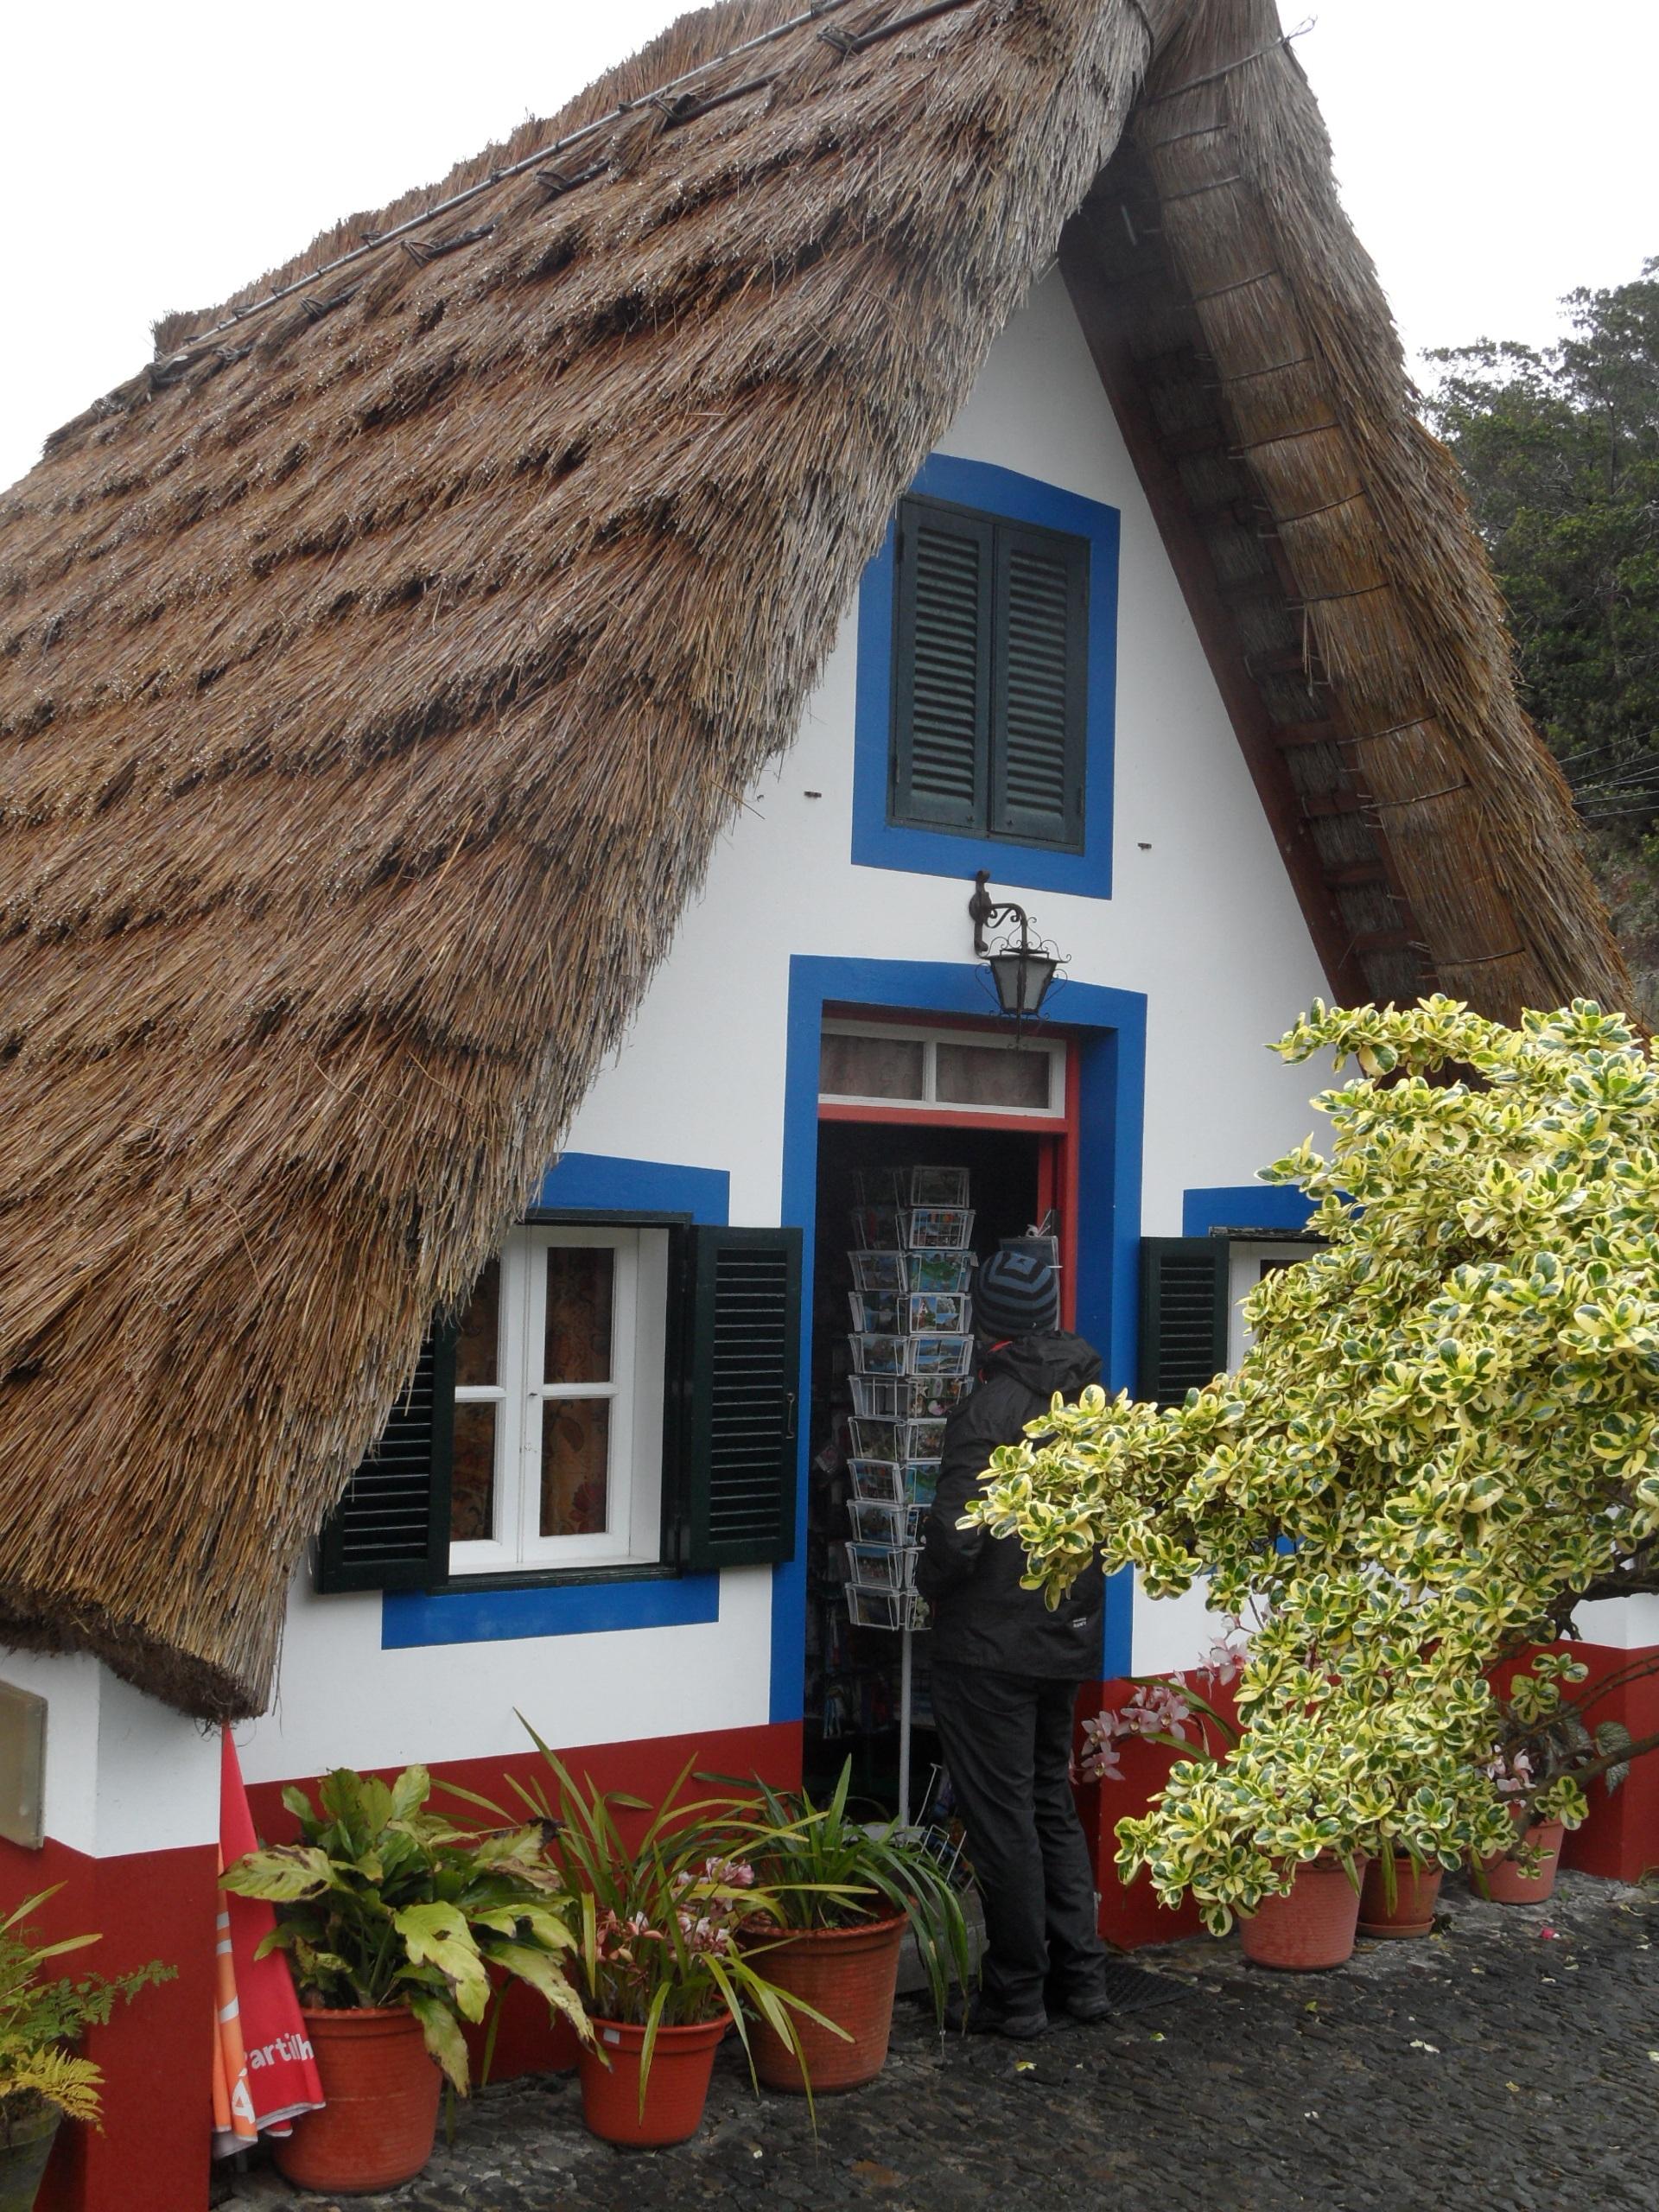 большинство дома с соломенными крышами фото алукард